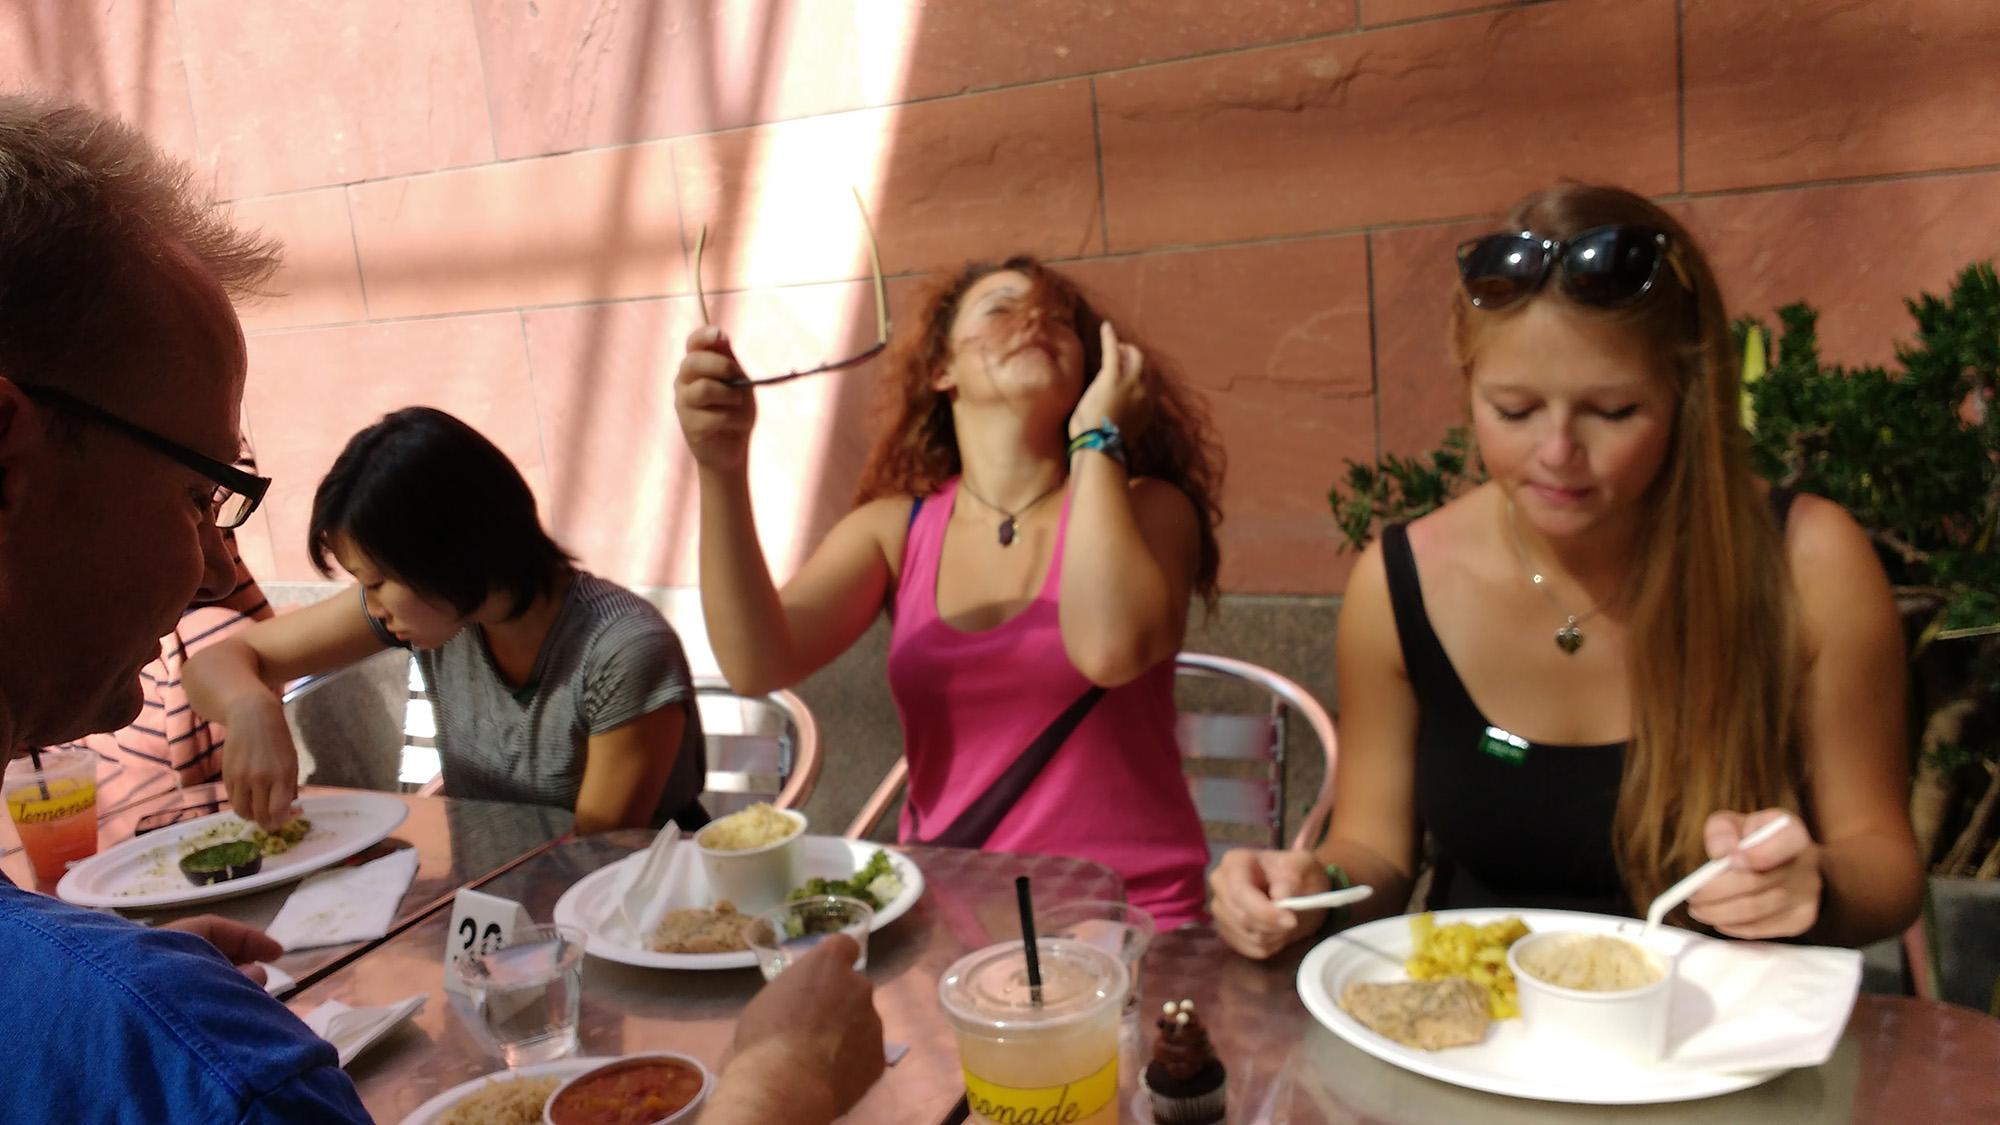 Ben, Zeinab & Stefanie eating lunch.